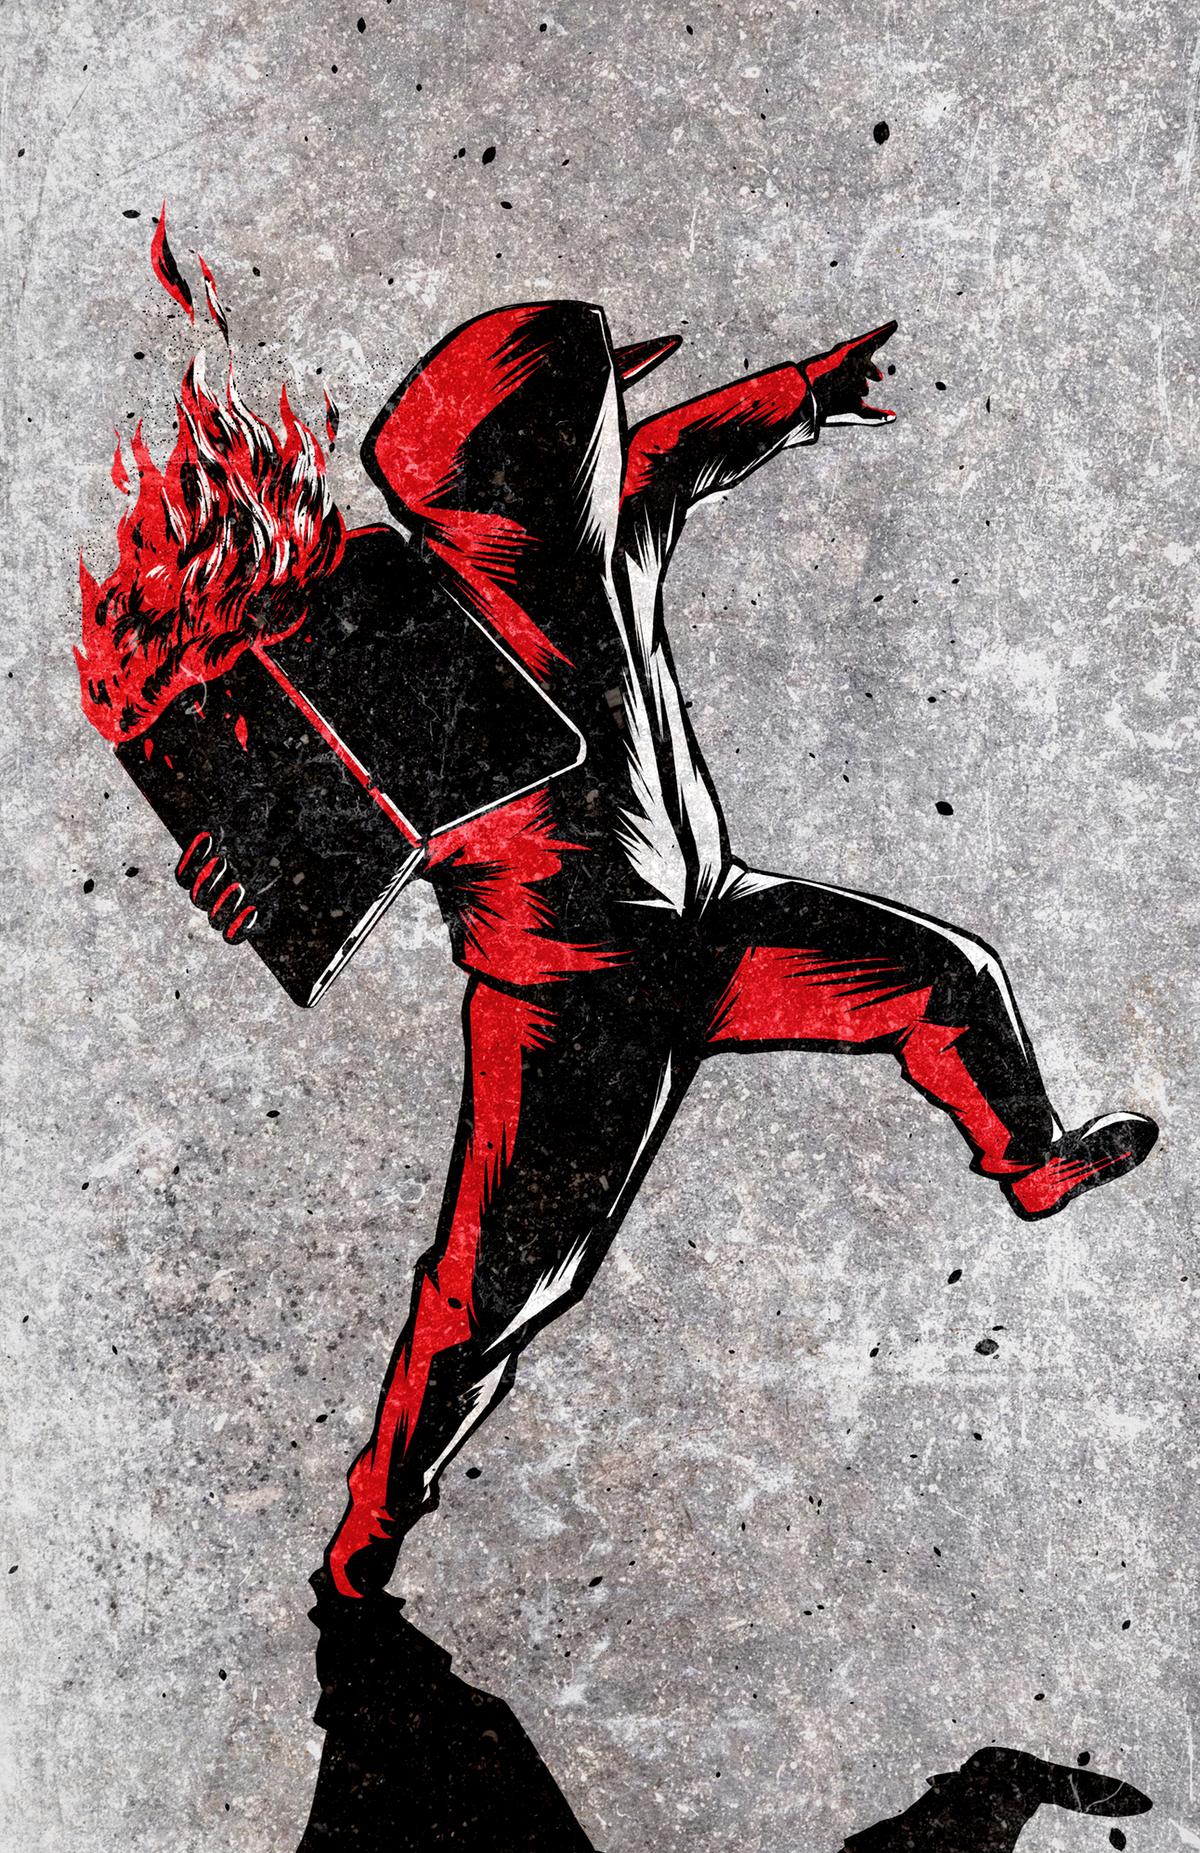 A guy throwing flaming laptop